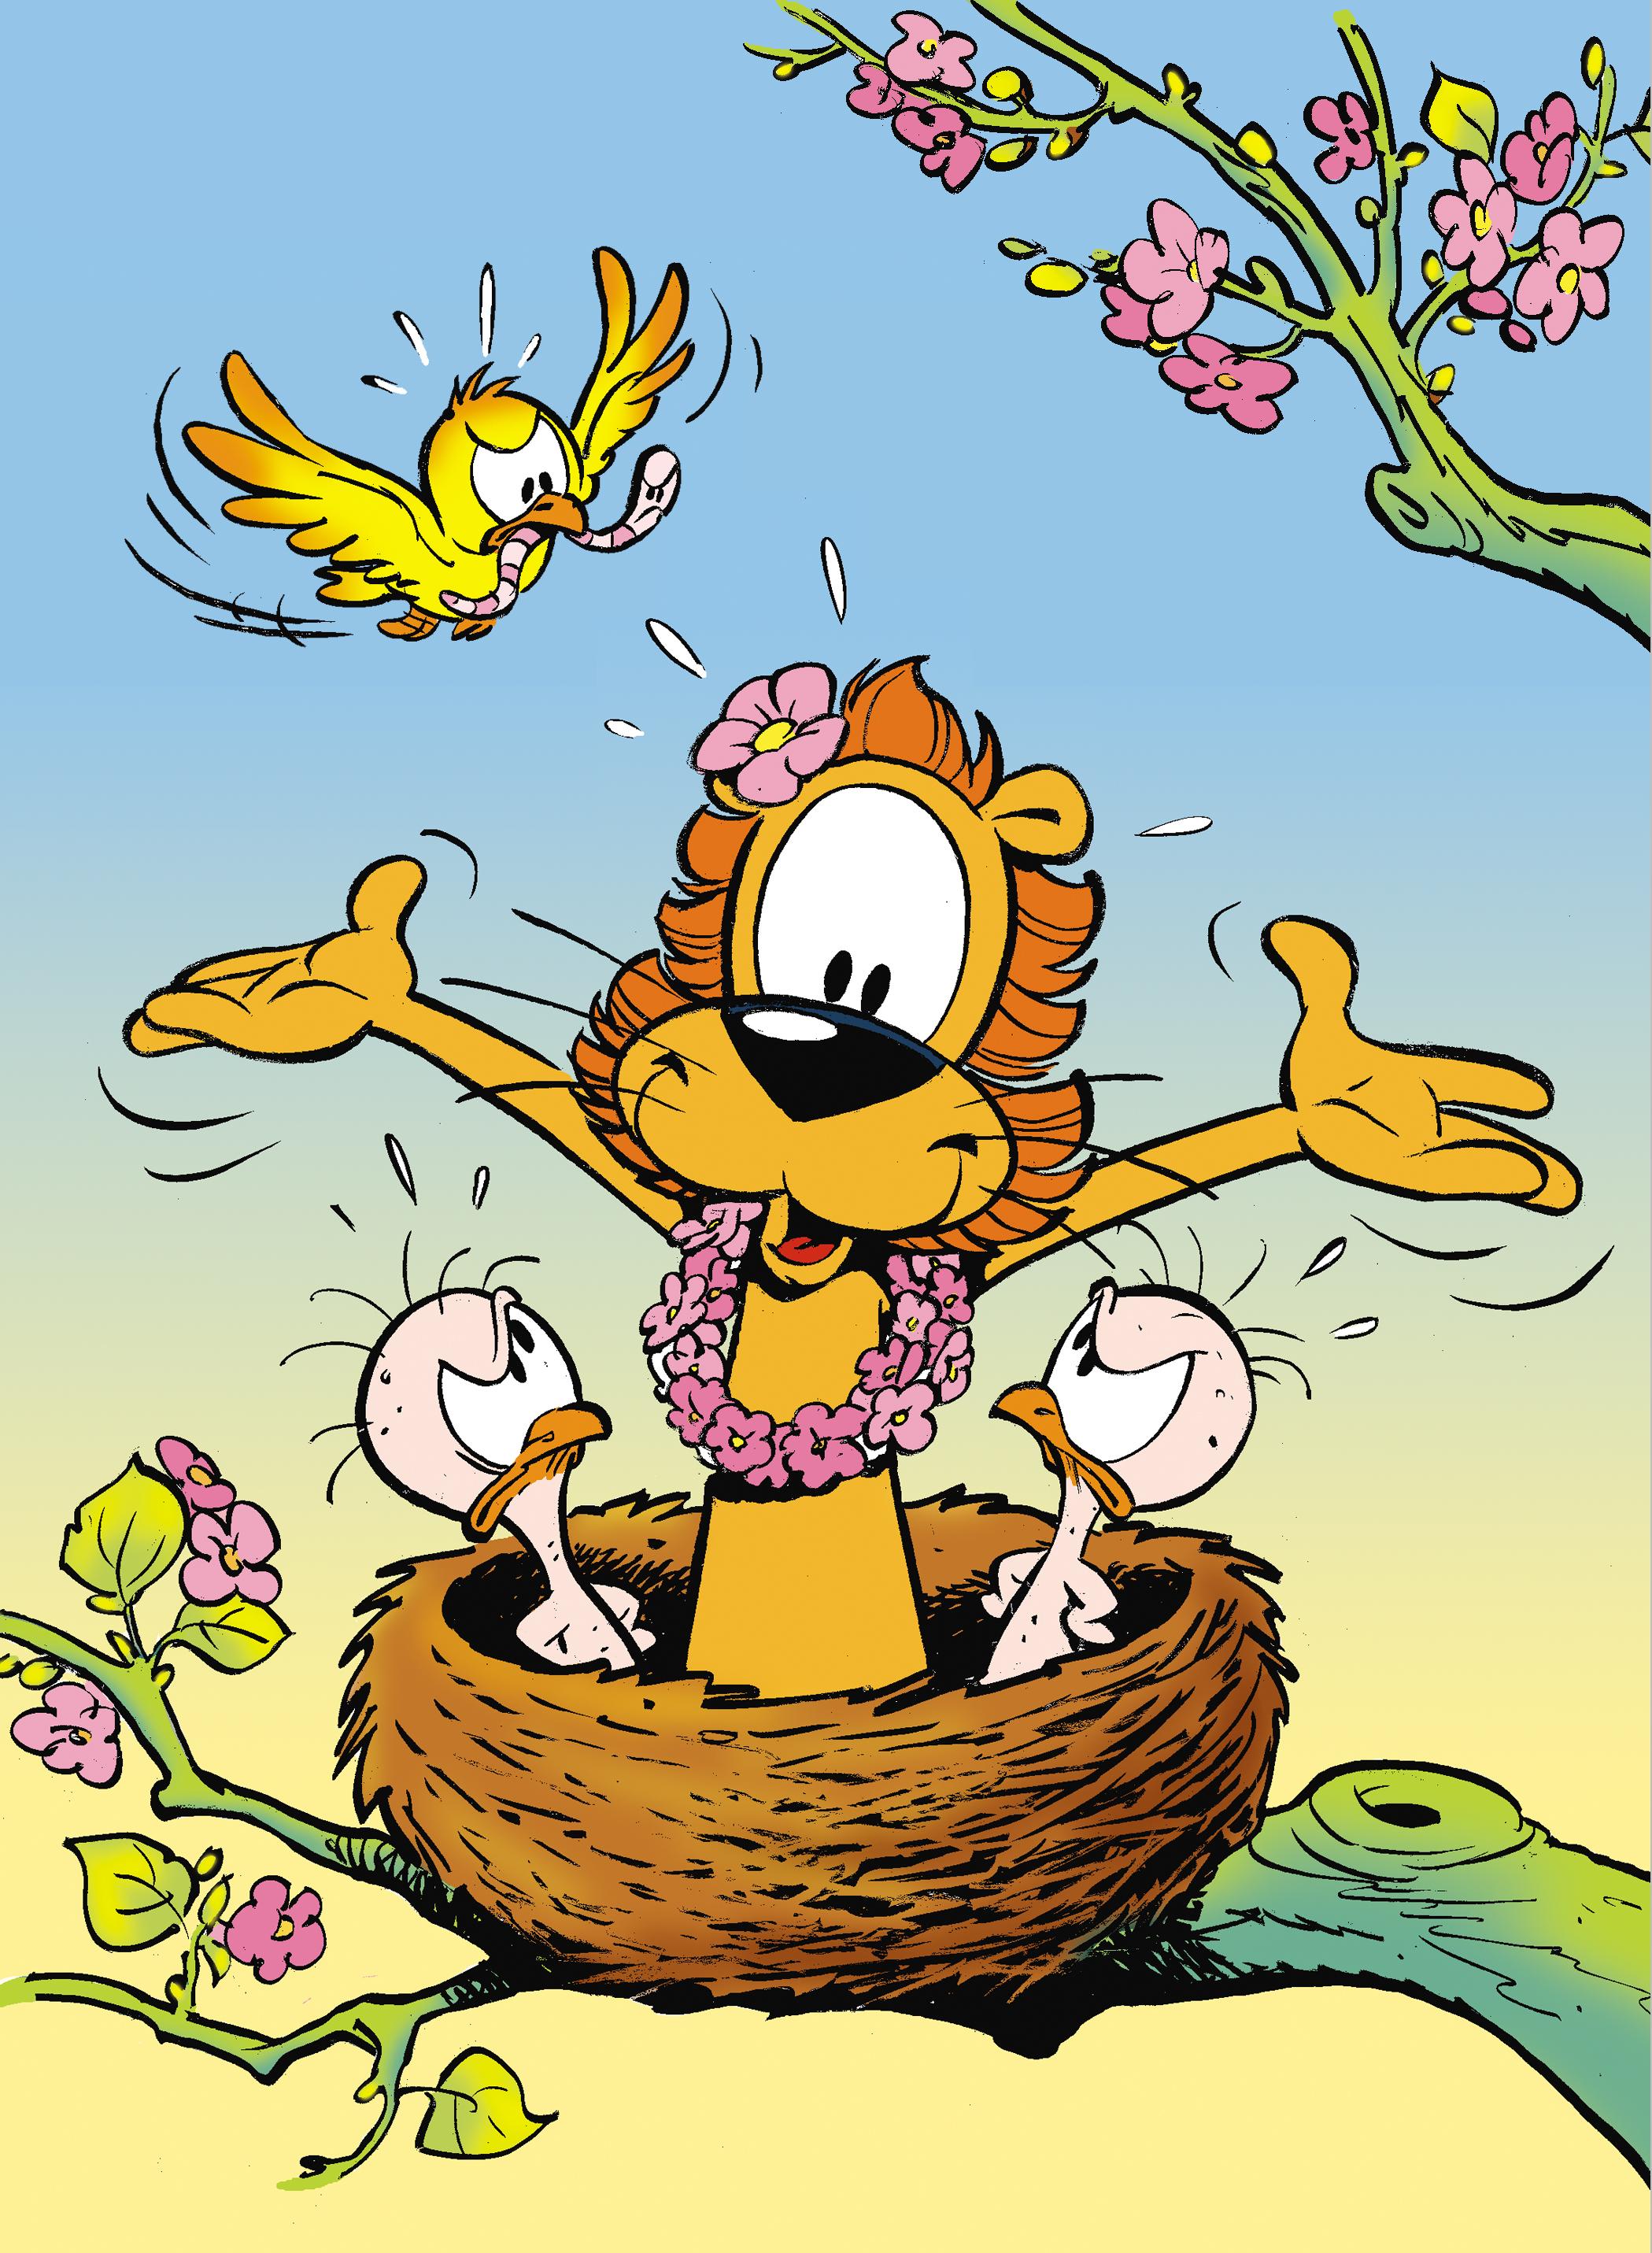 Loeki lente nestje verkleind